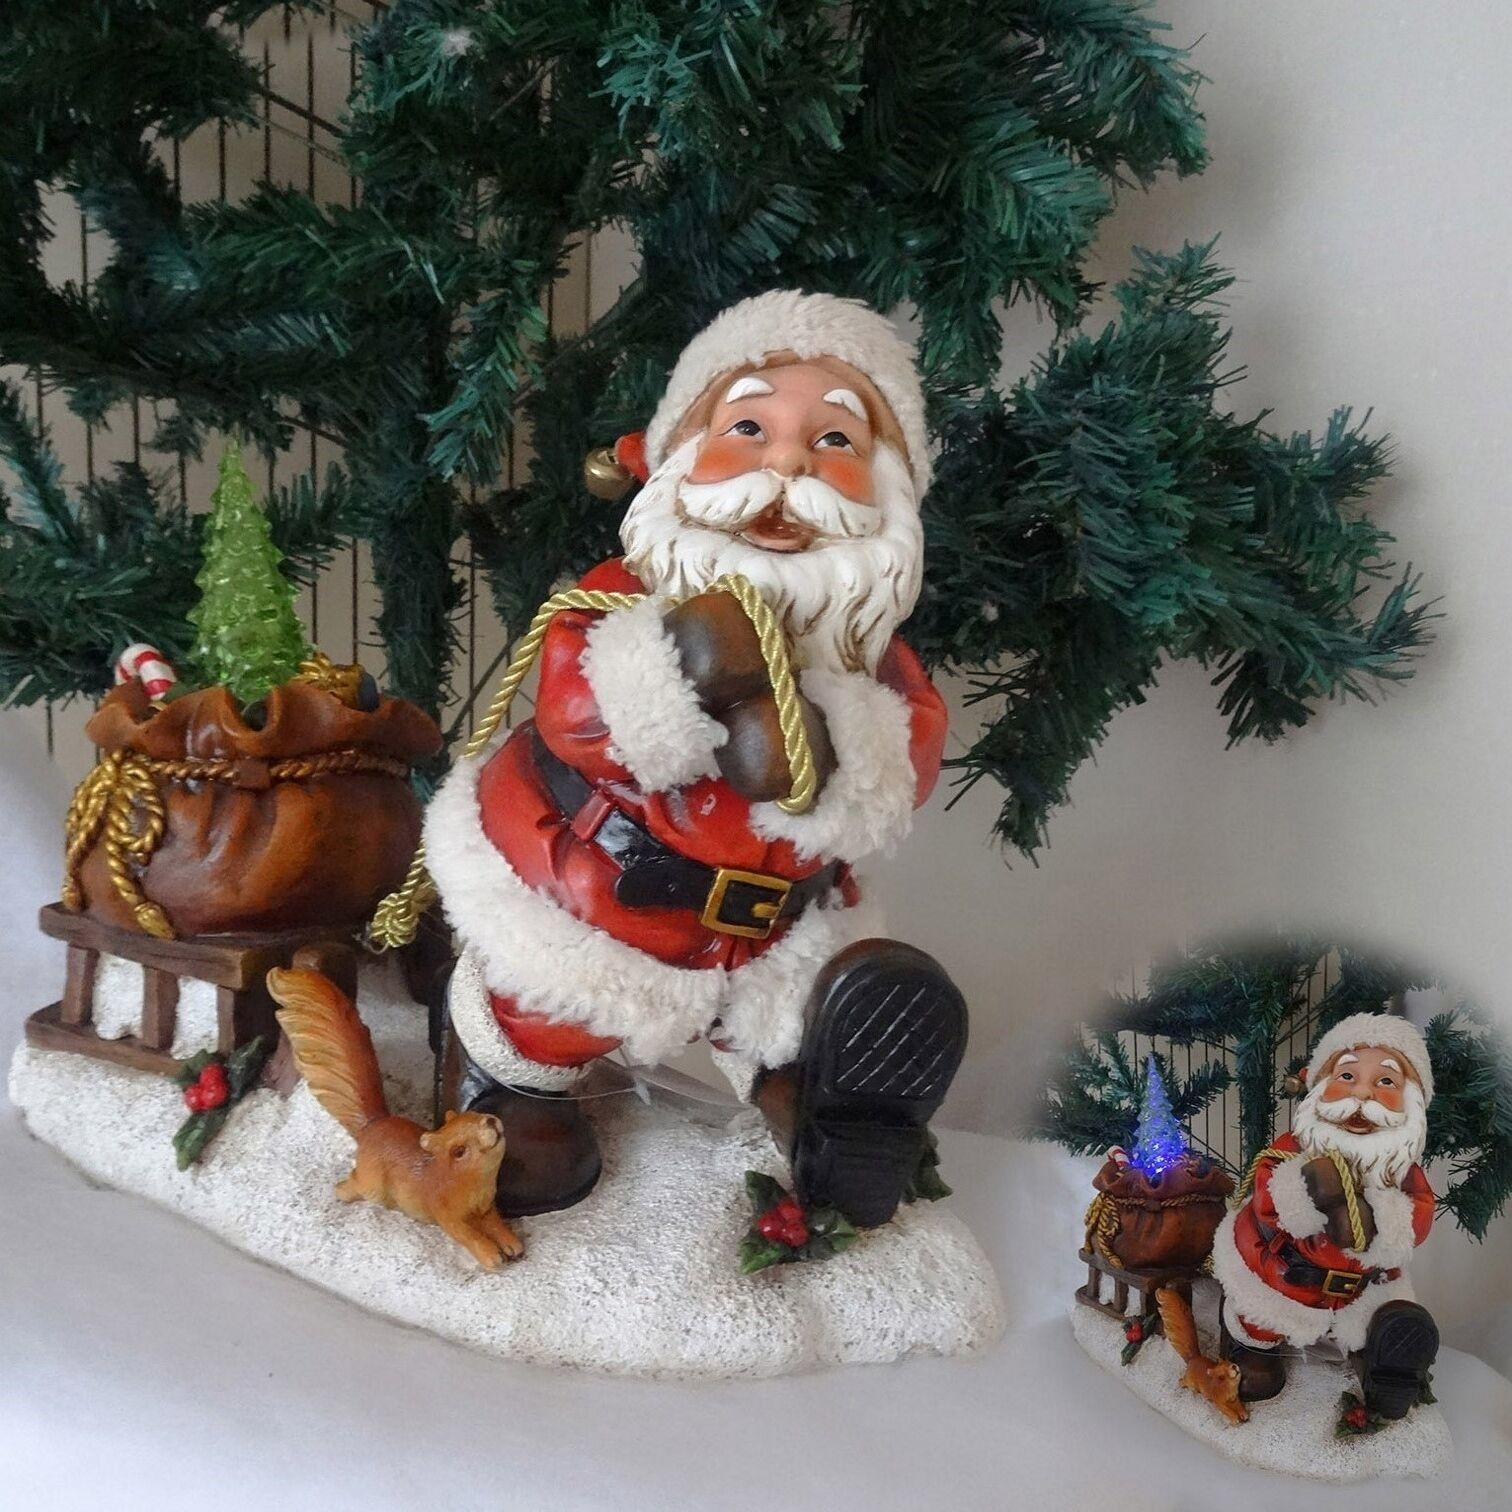 Schneemann Happy - Weihnachtsfigur perfekt für die Dekoration zu Heiligabend